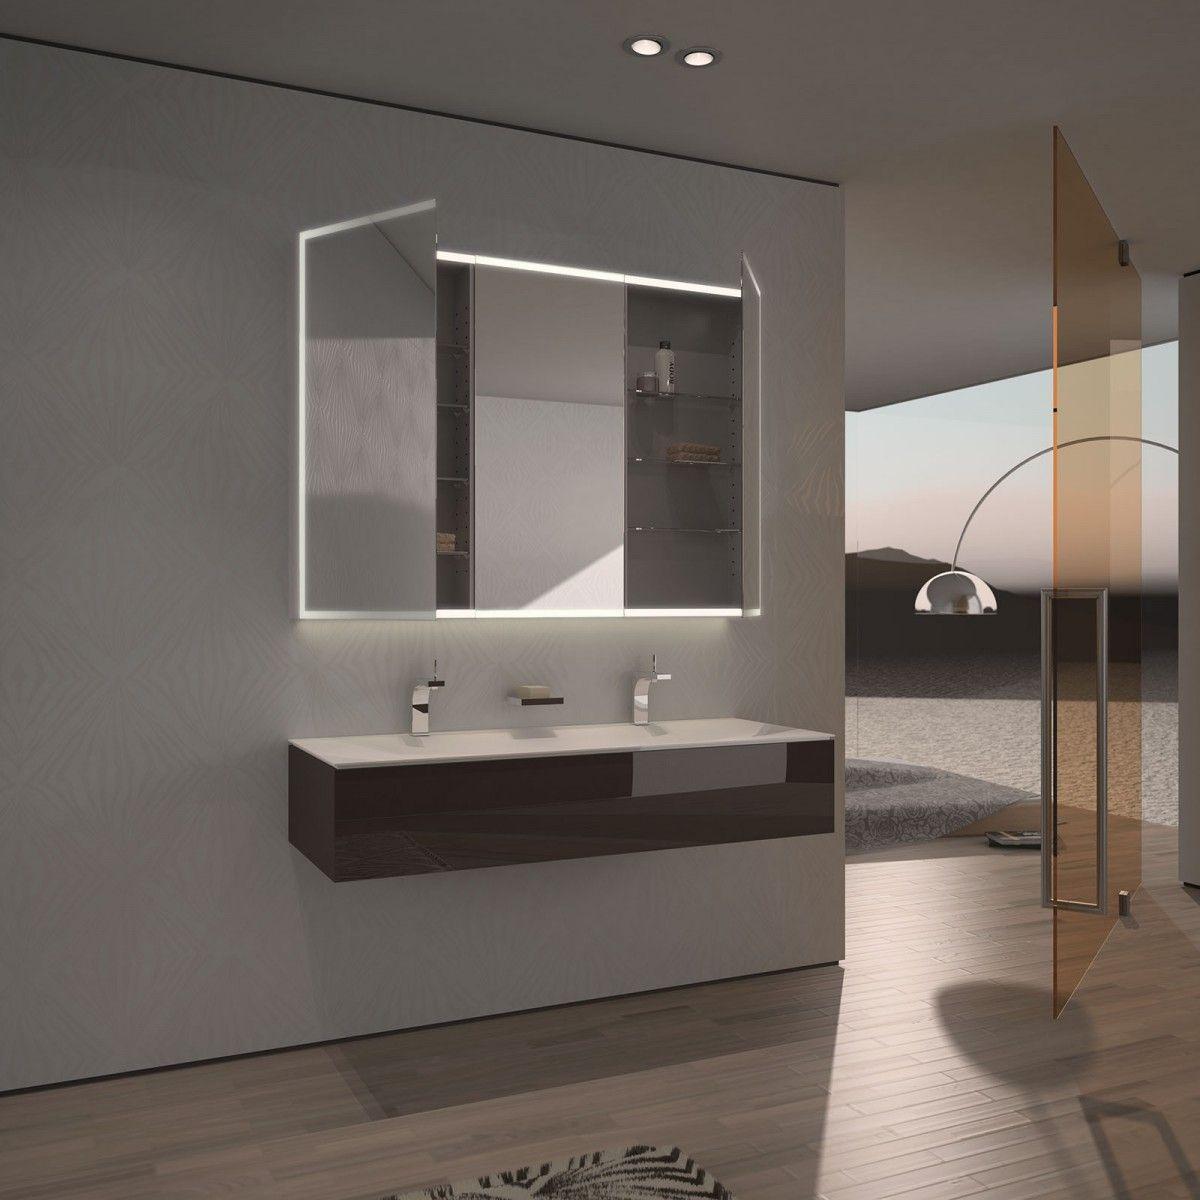 Einbau Spiegelschrank Bad. spiegel oder spiegelschrank ...